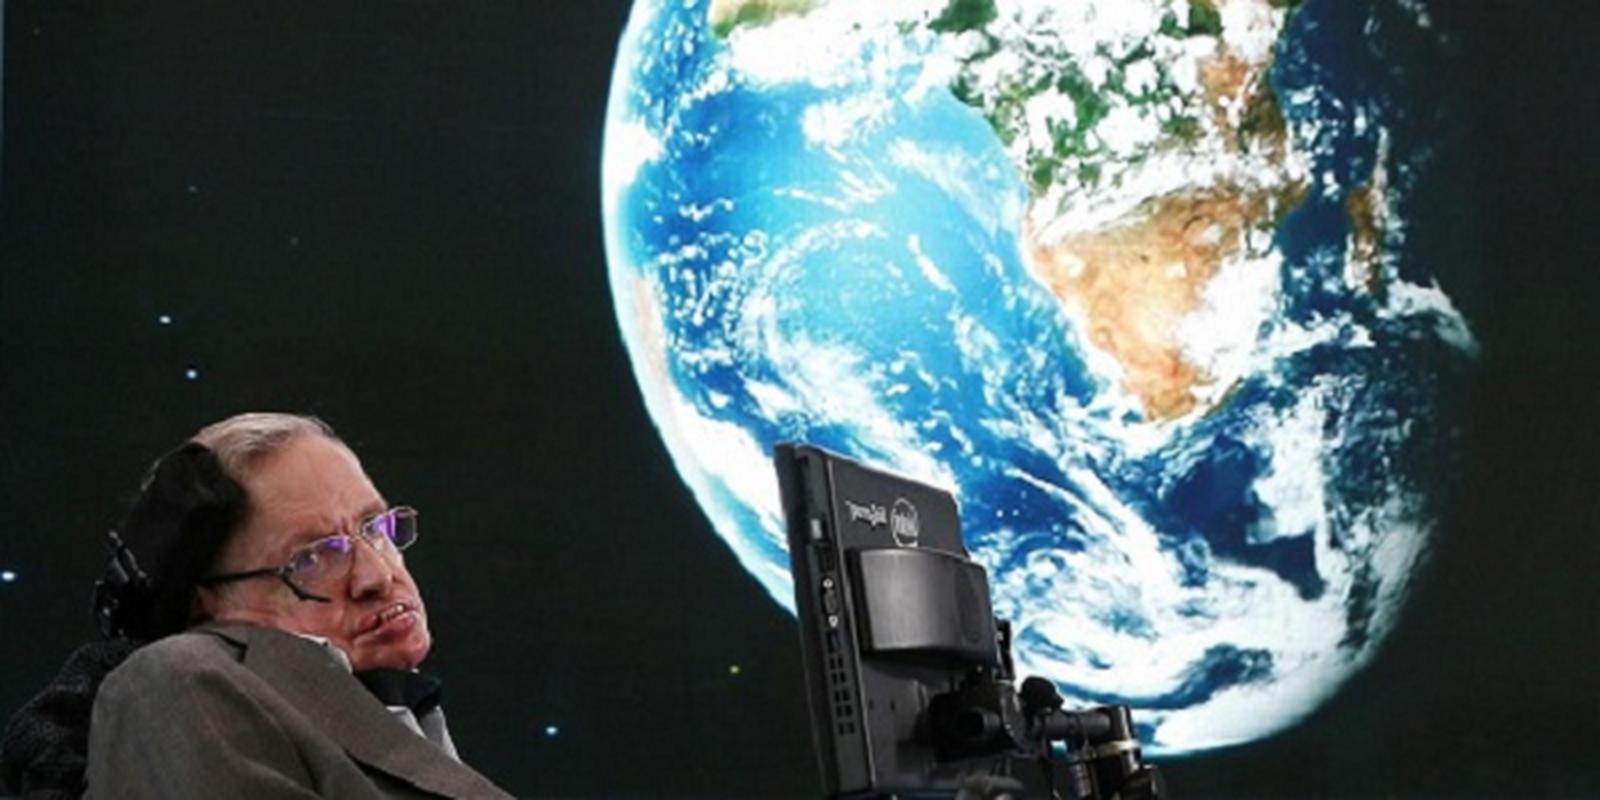 Thien tai Hawking muon loai nguoi nhanh chong roi khoi Trai dat